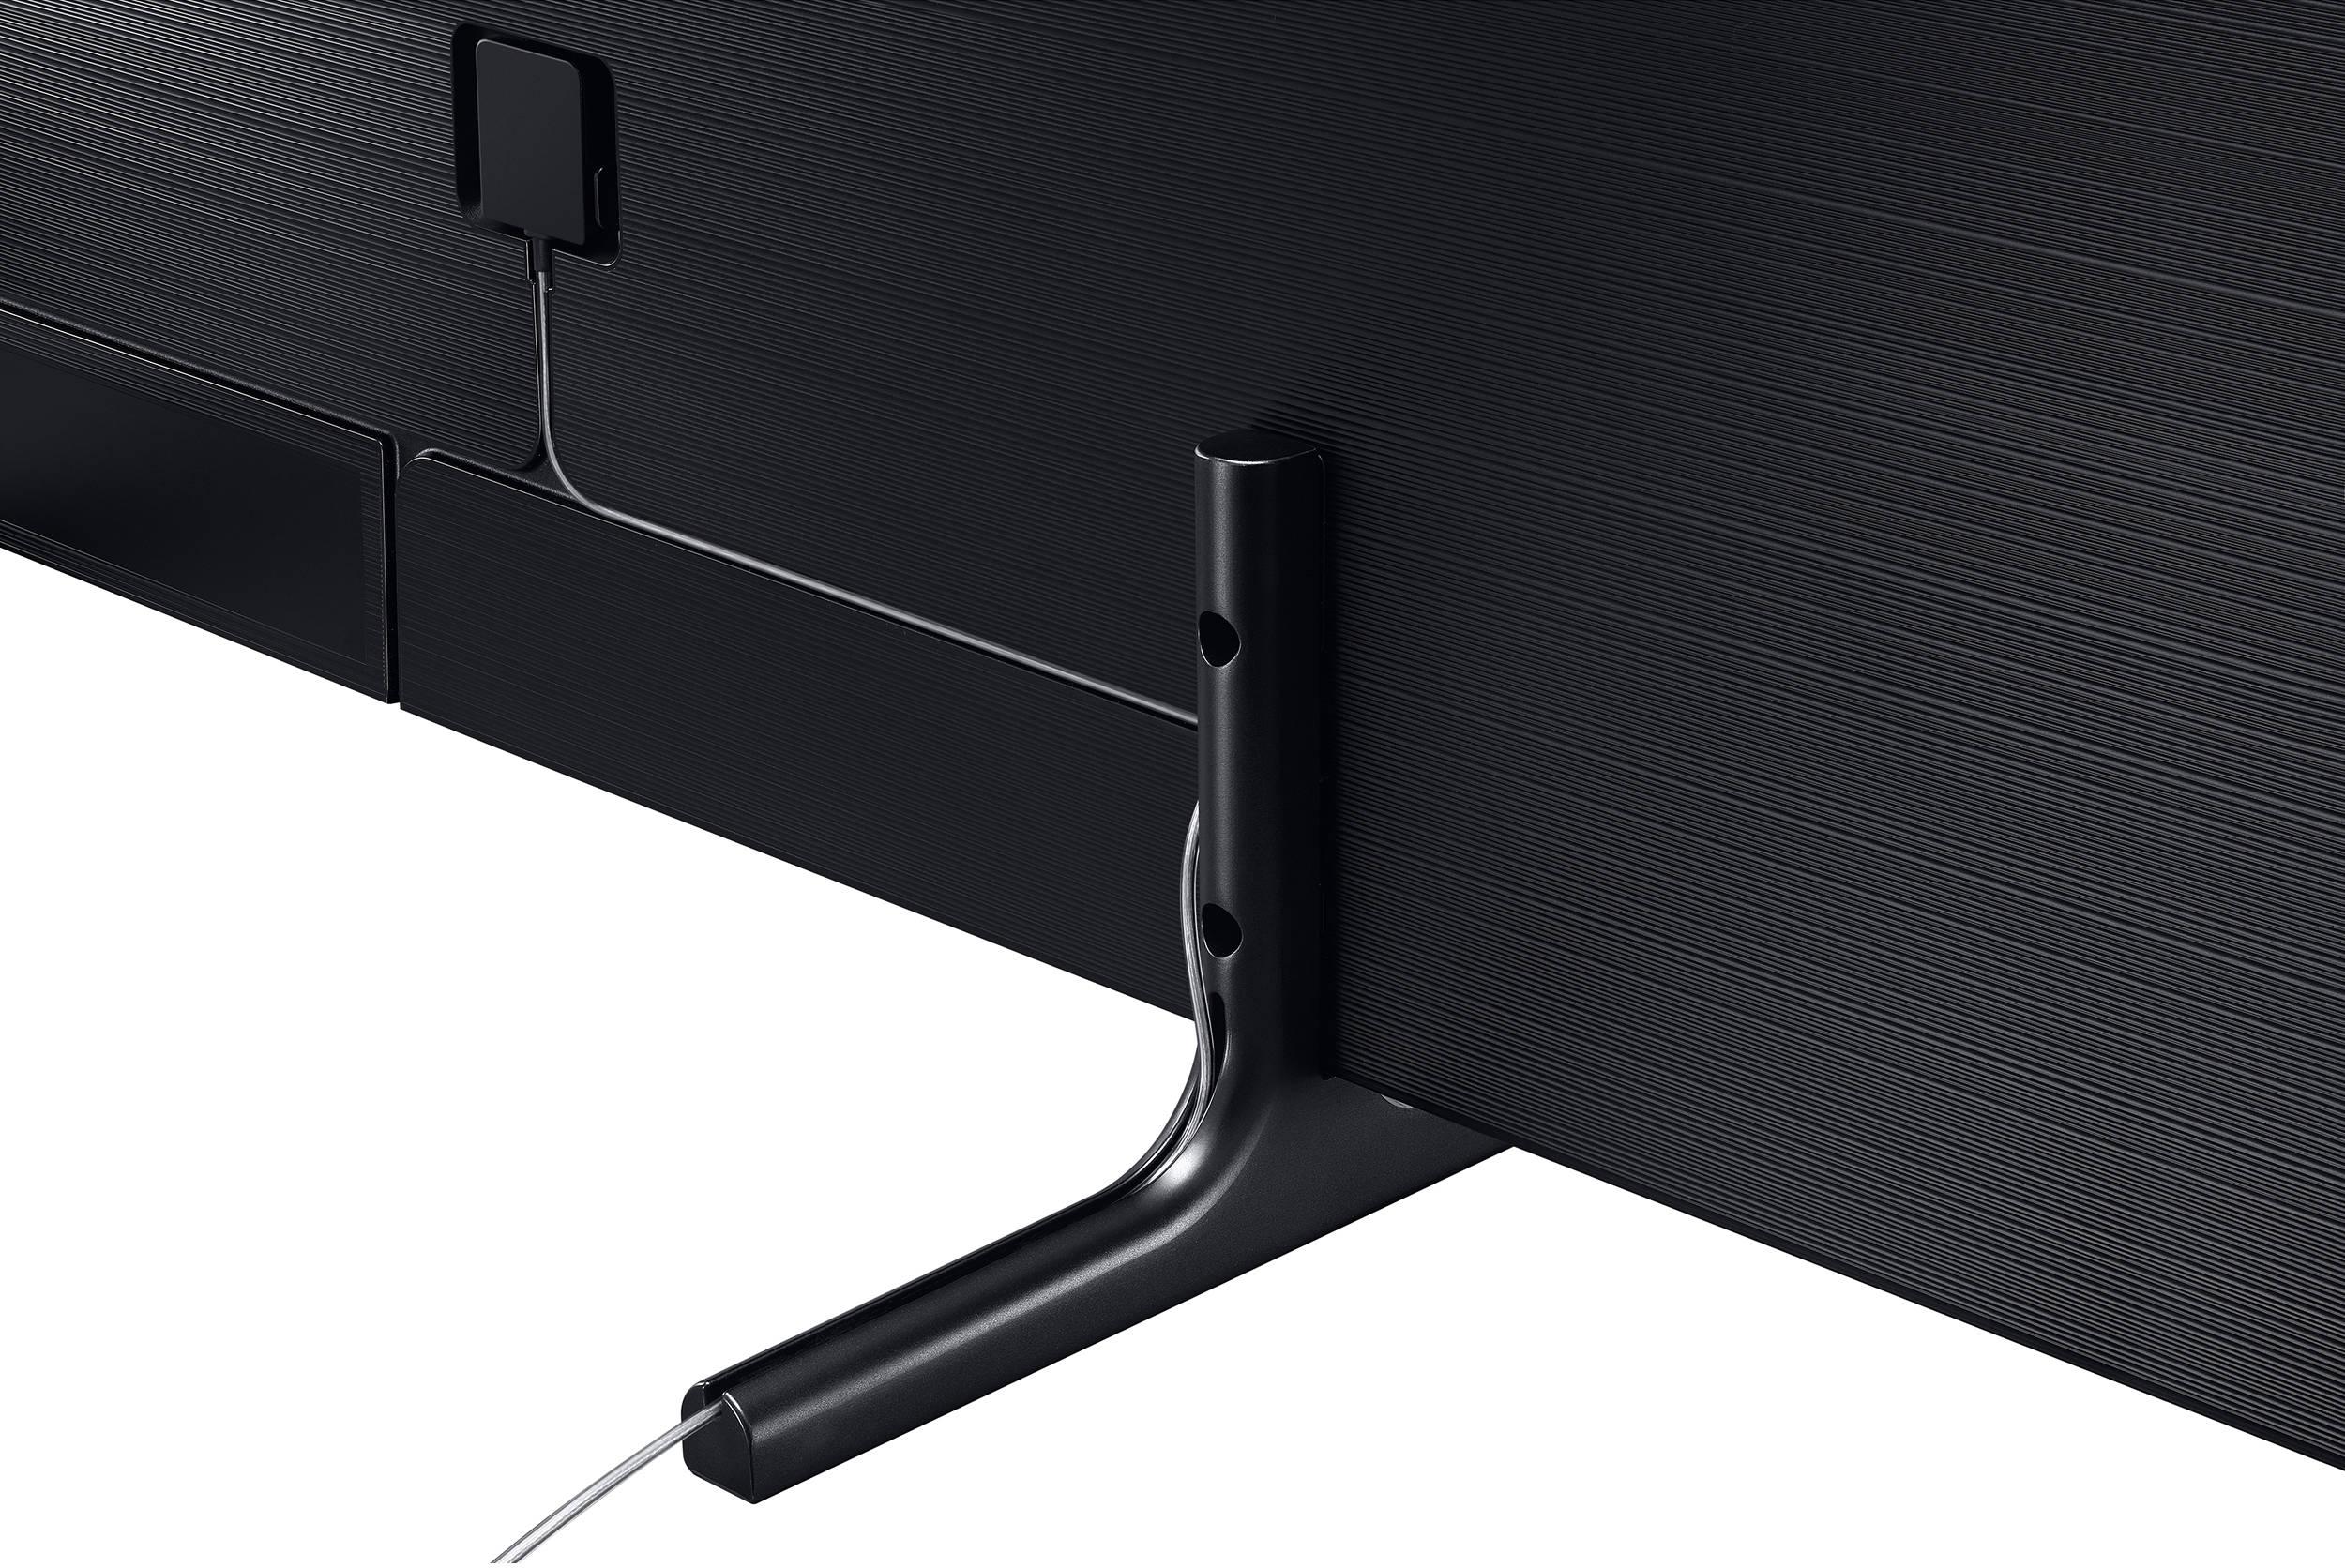 Samsung QN75Q9FN 75'' HDR UHD Smart QLED TV